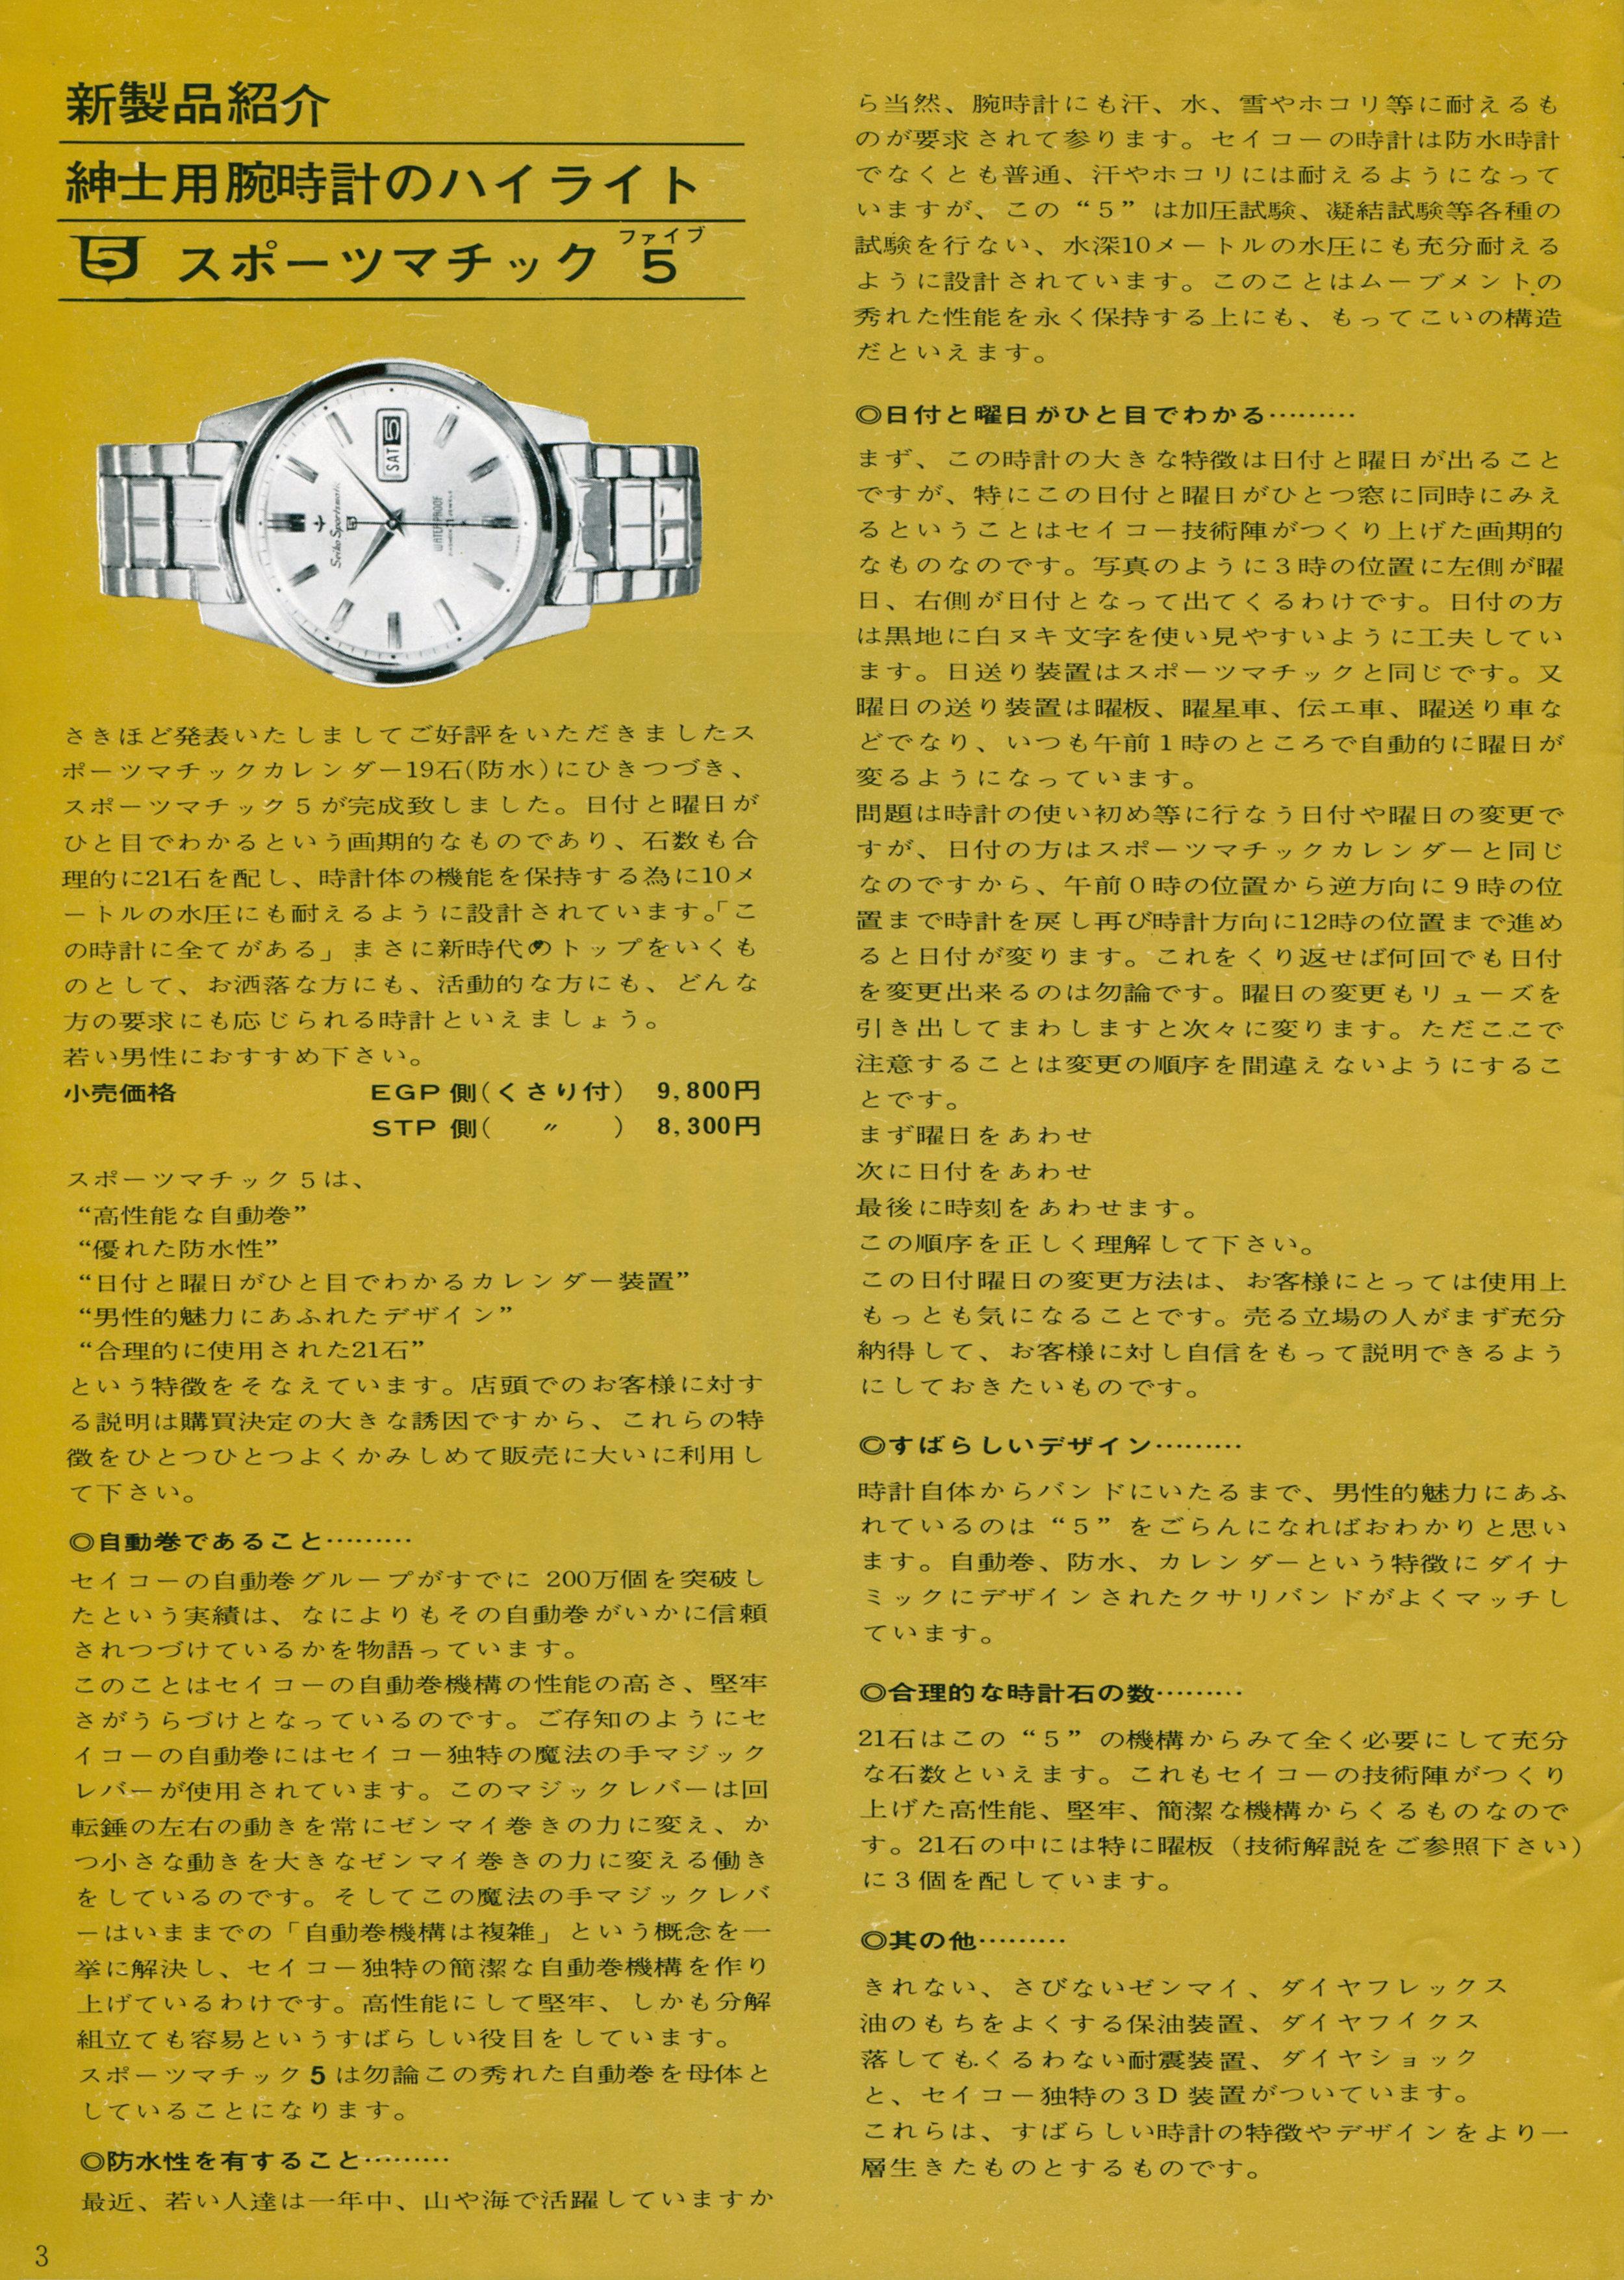 1963.09 Seiko News Article